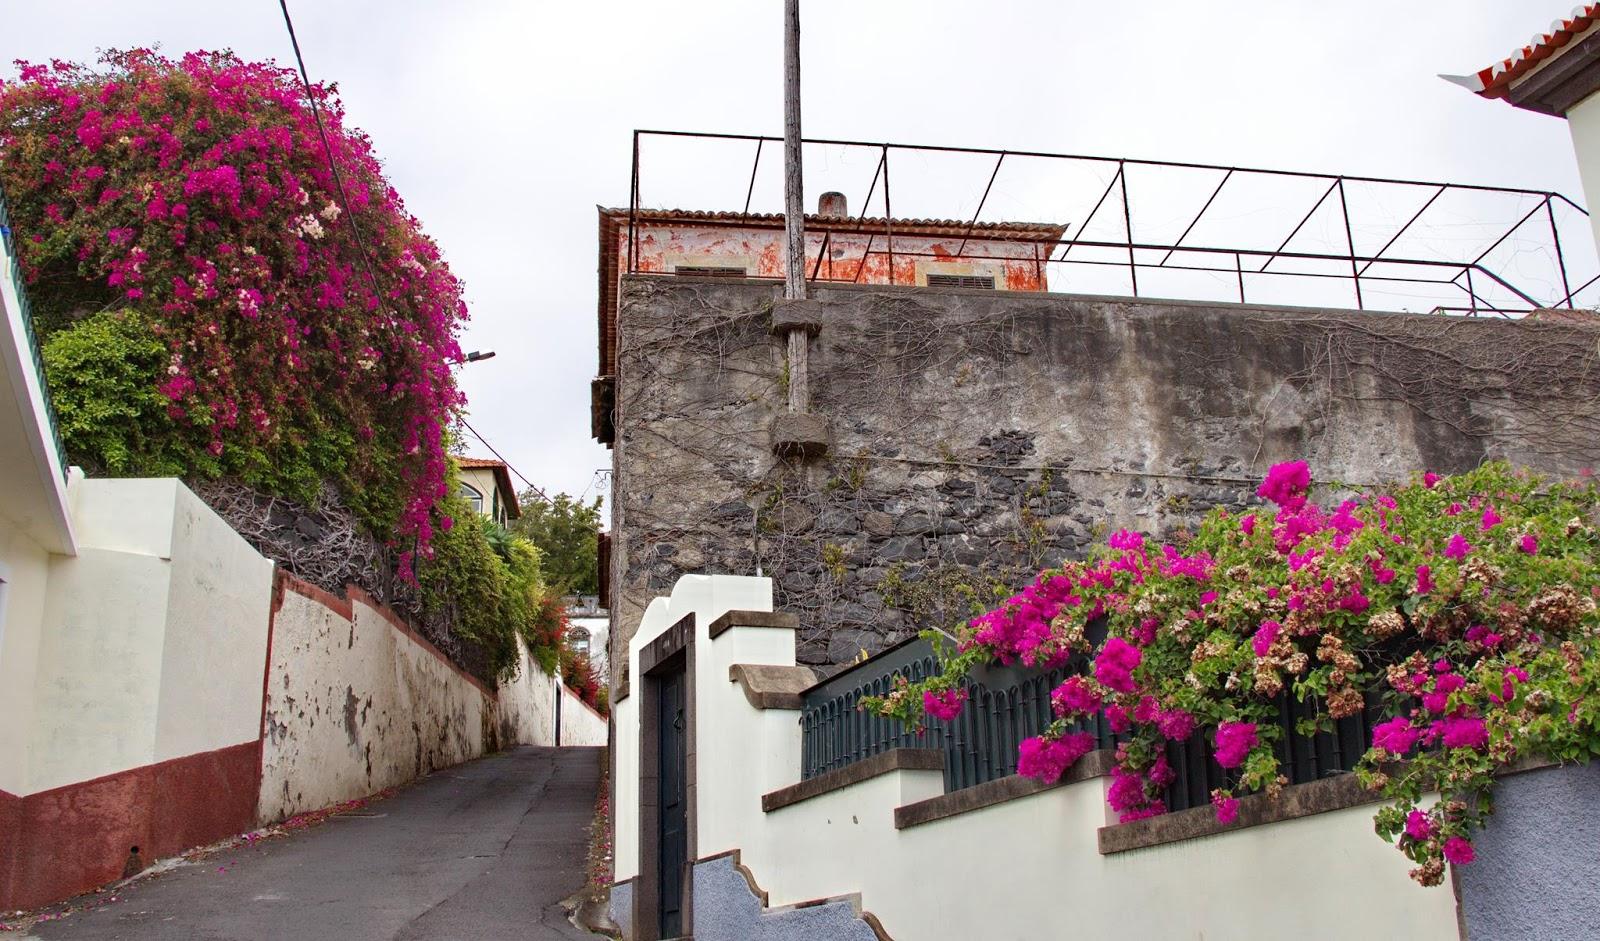 flores que pincelam a Rua da Torrinha